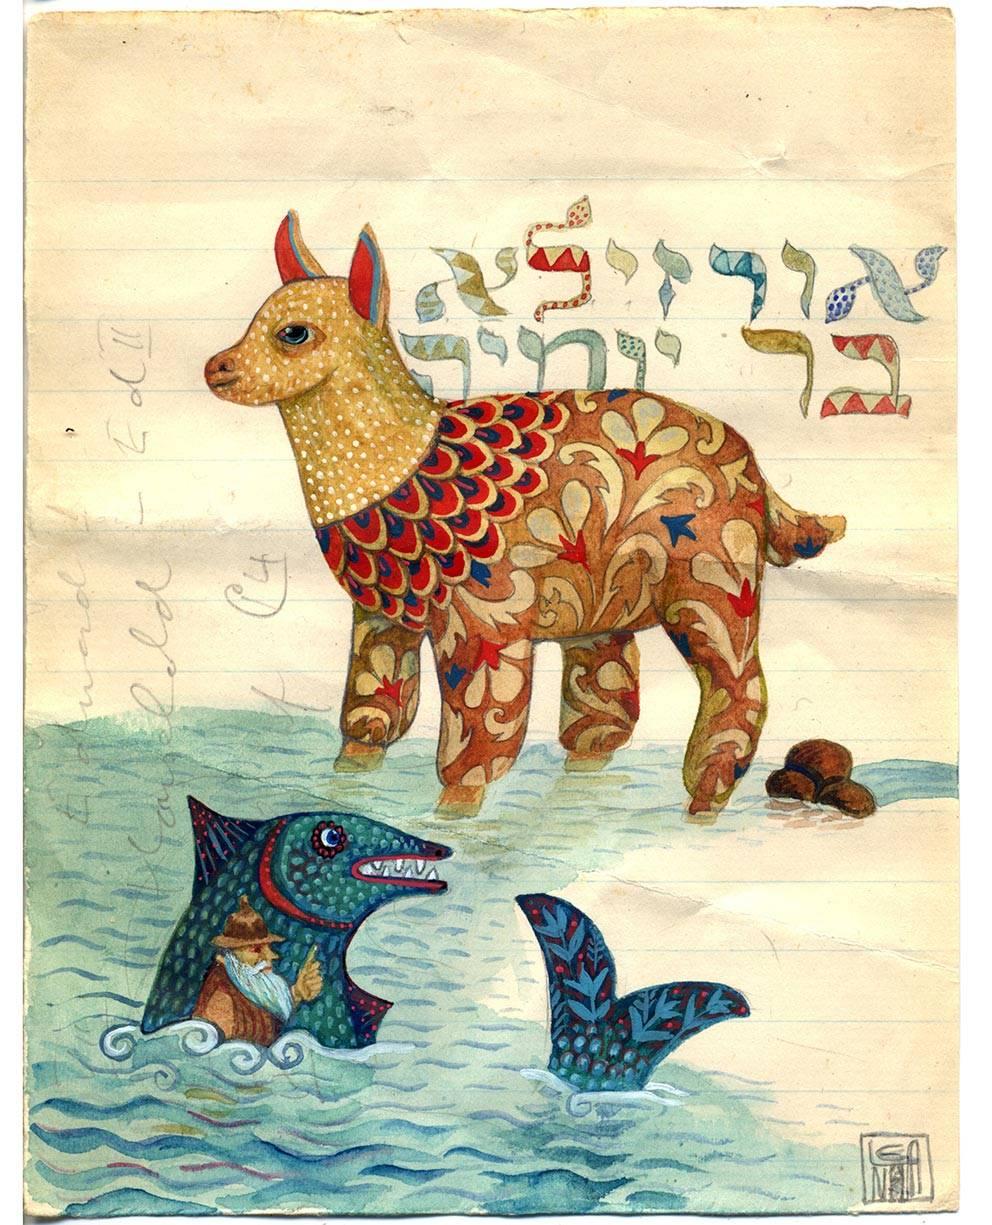 לנה רבנקו, מתוך התערוכה יורדי הים